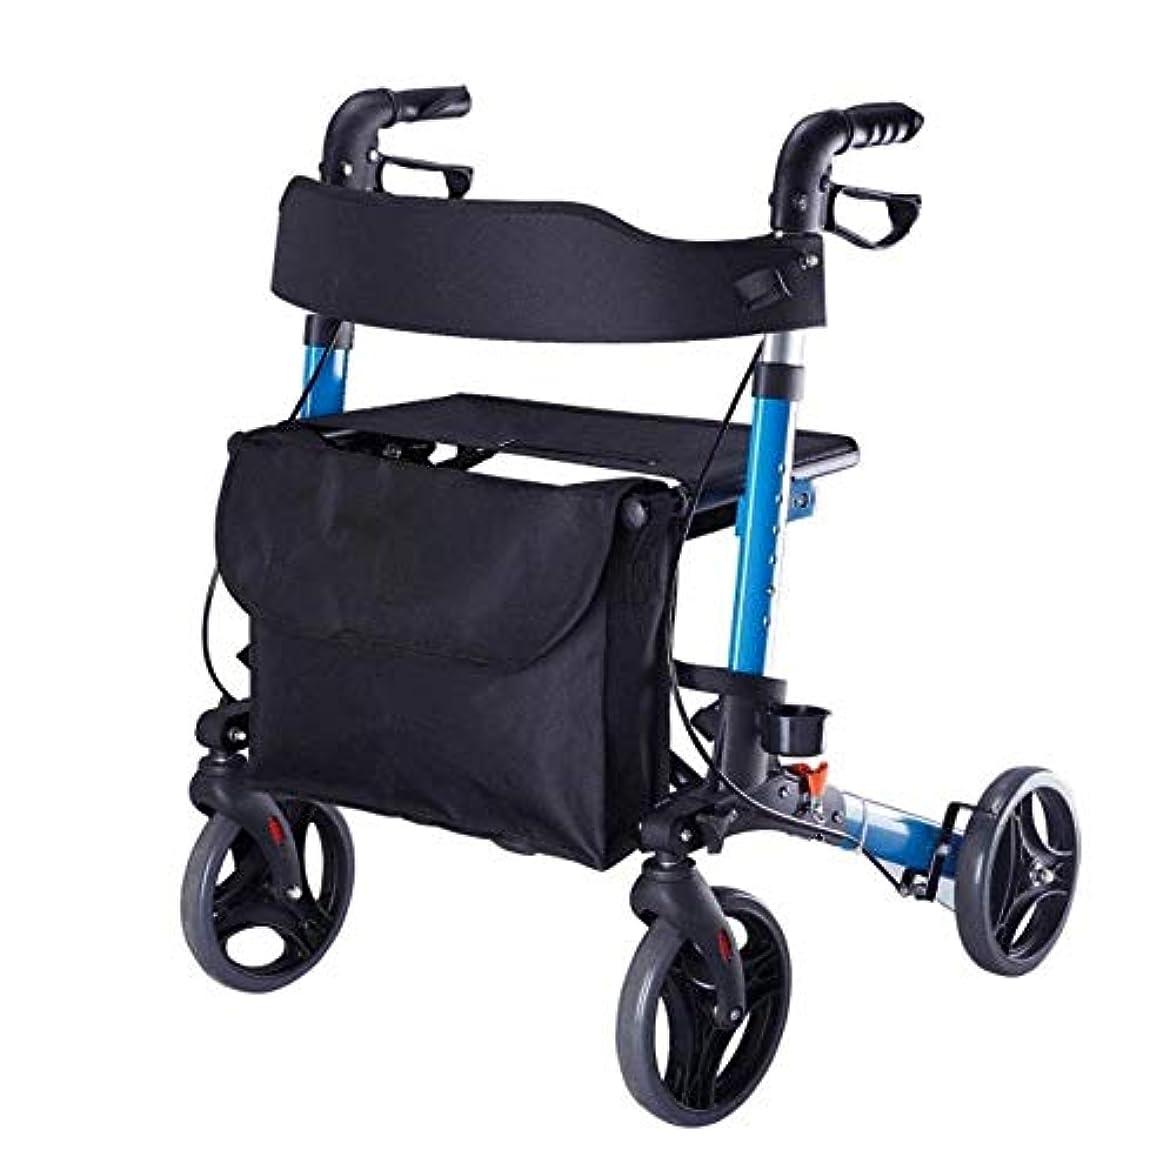 に対応傾向がある大脳滑車が付いている歩行補助装置、より古いおよび傷つけられたのための多機能の年配の歩行者のアルミ合金の歩行者 (Color : 黒)